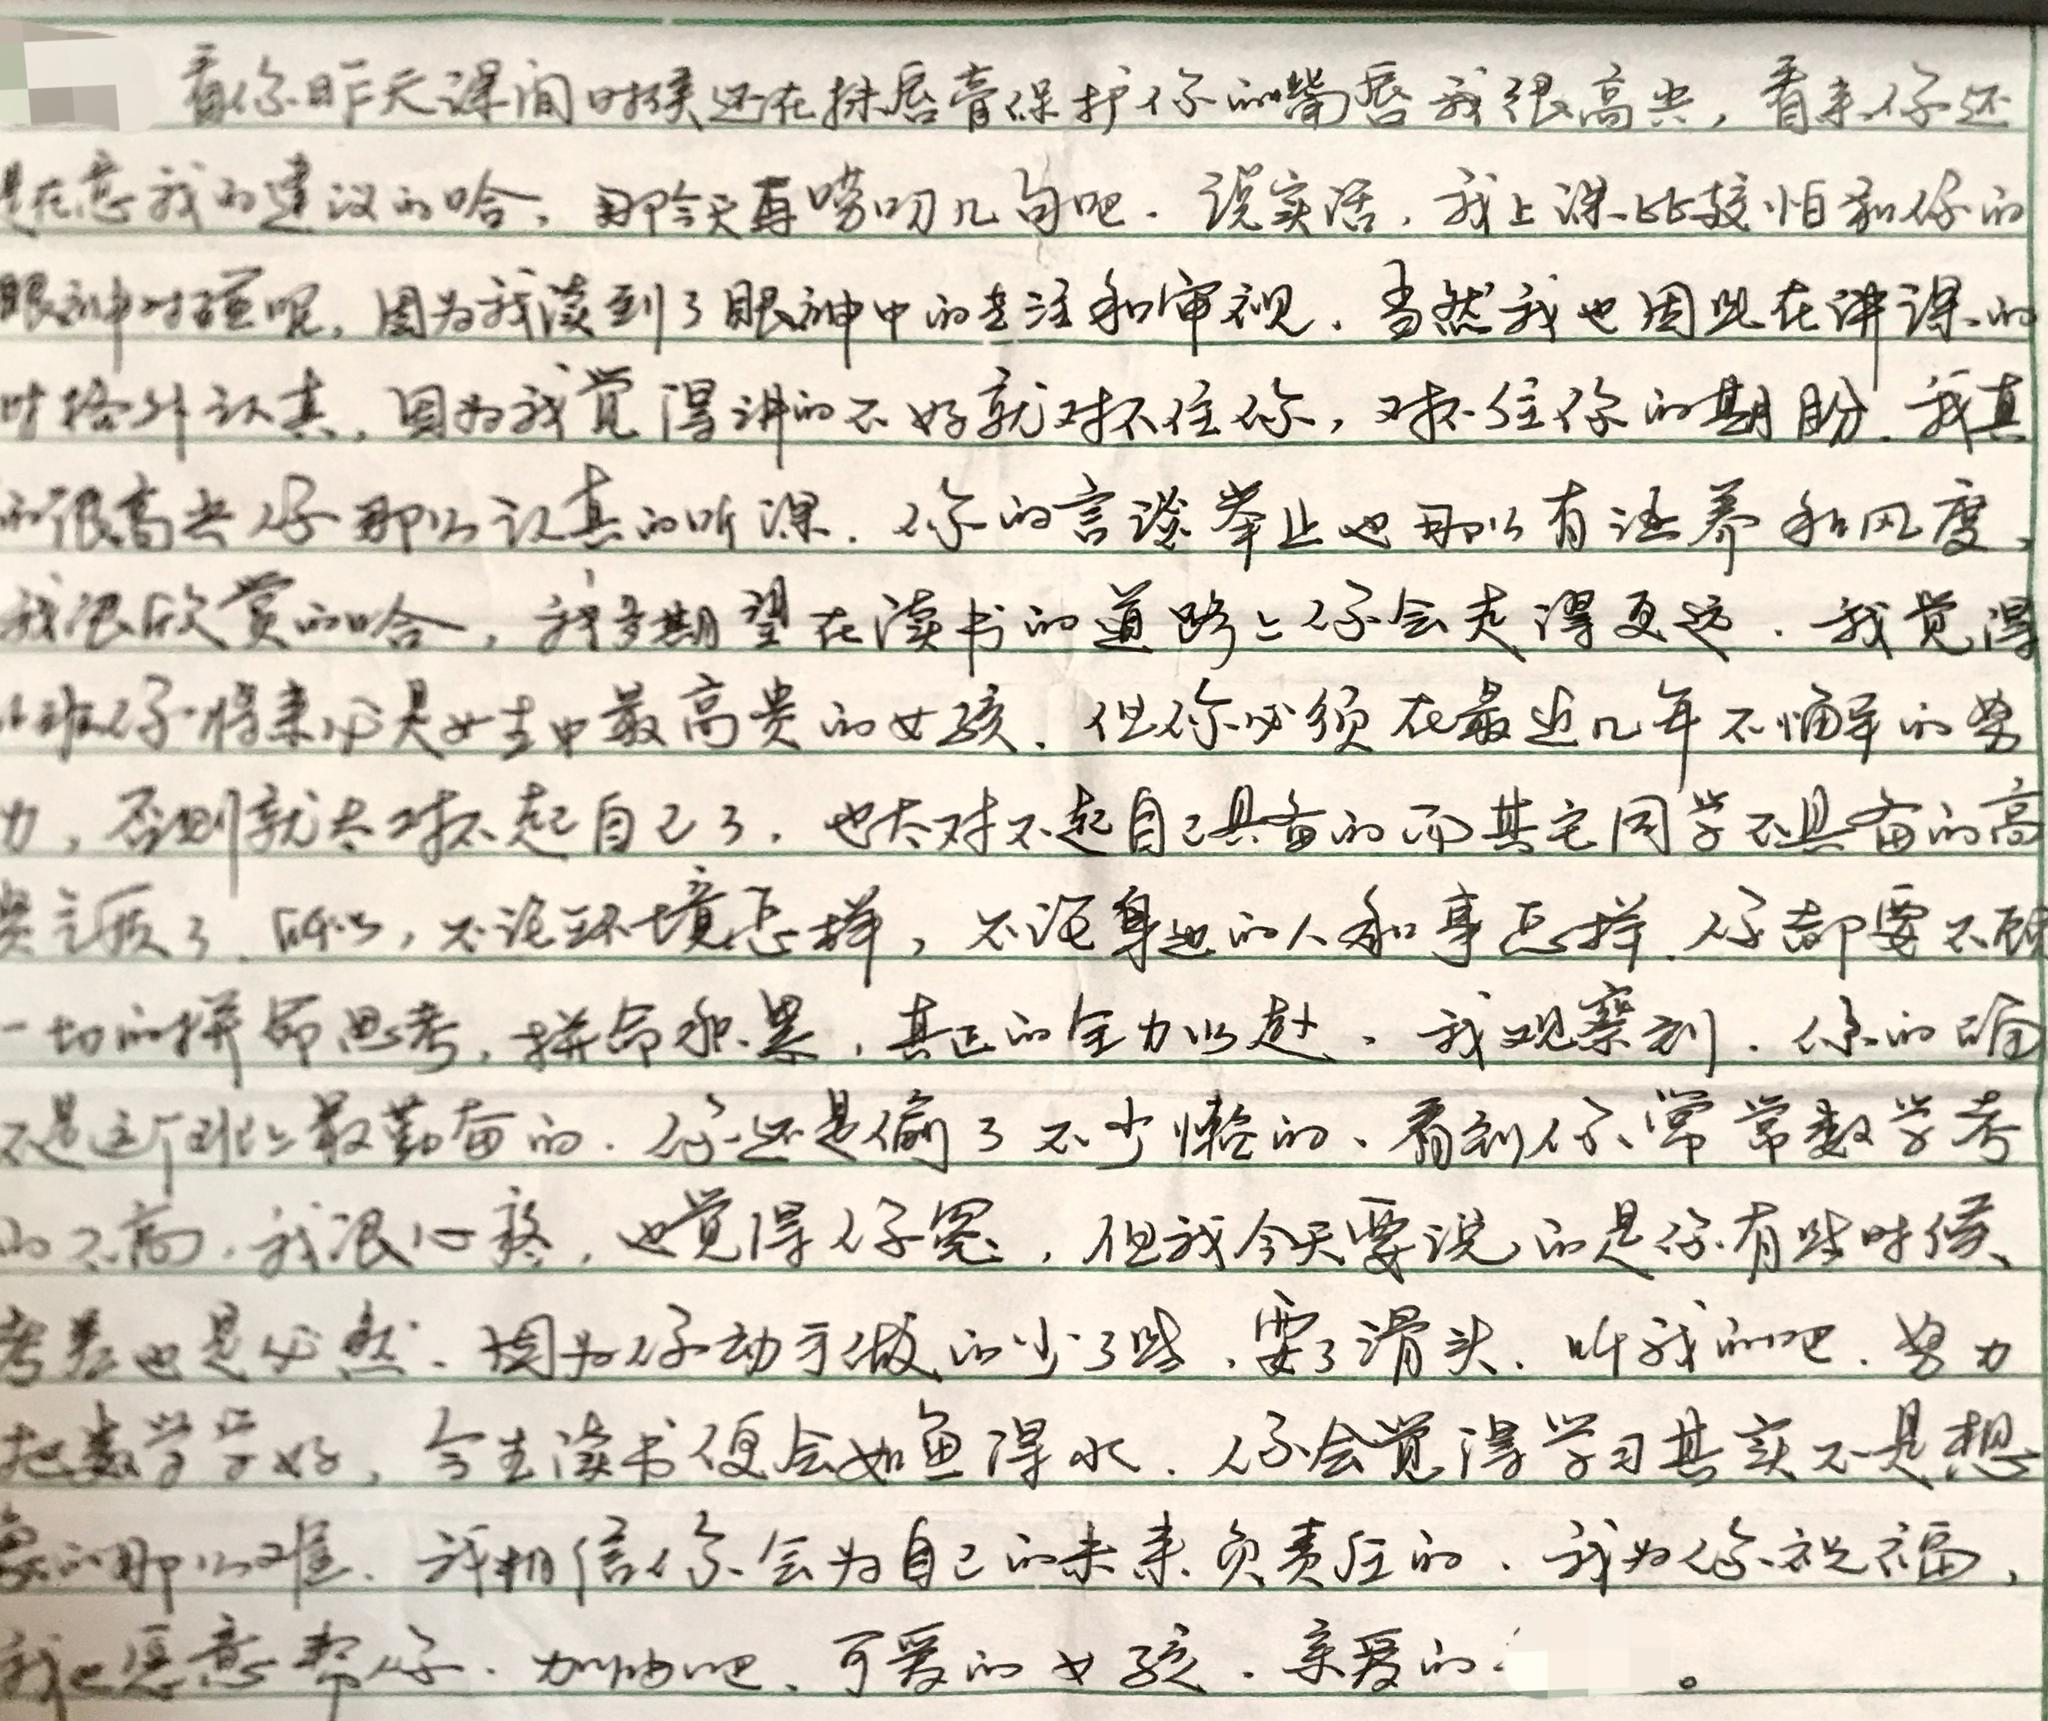 有吴某曾经的学生称,吴某曾给她写过暧昧信。